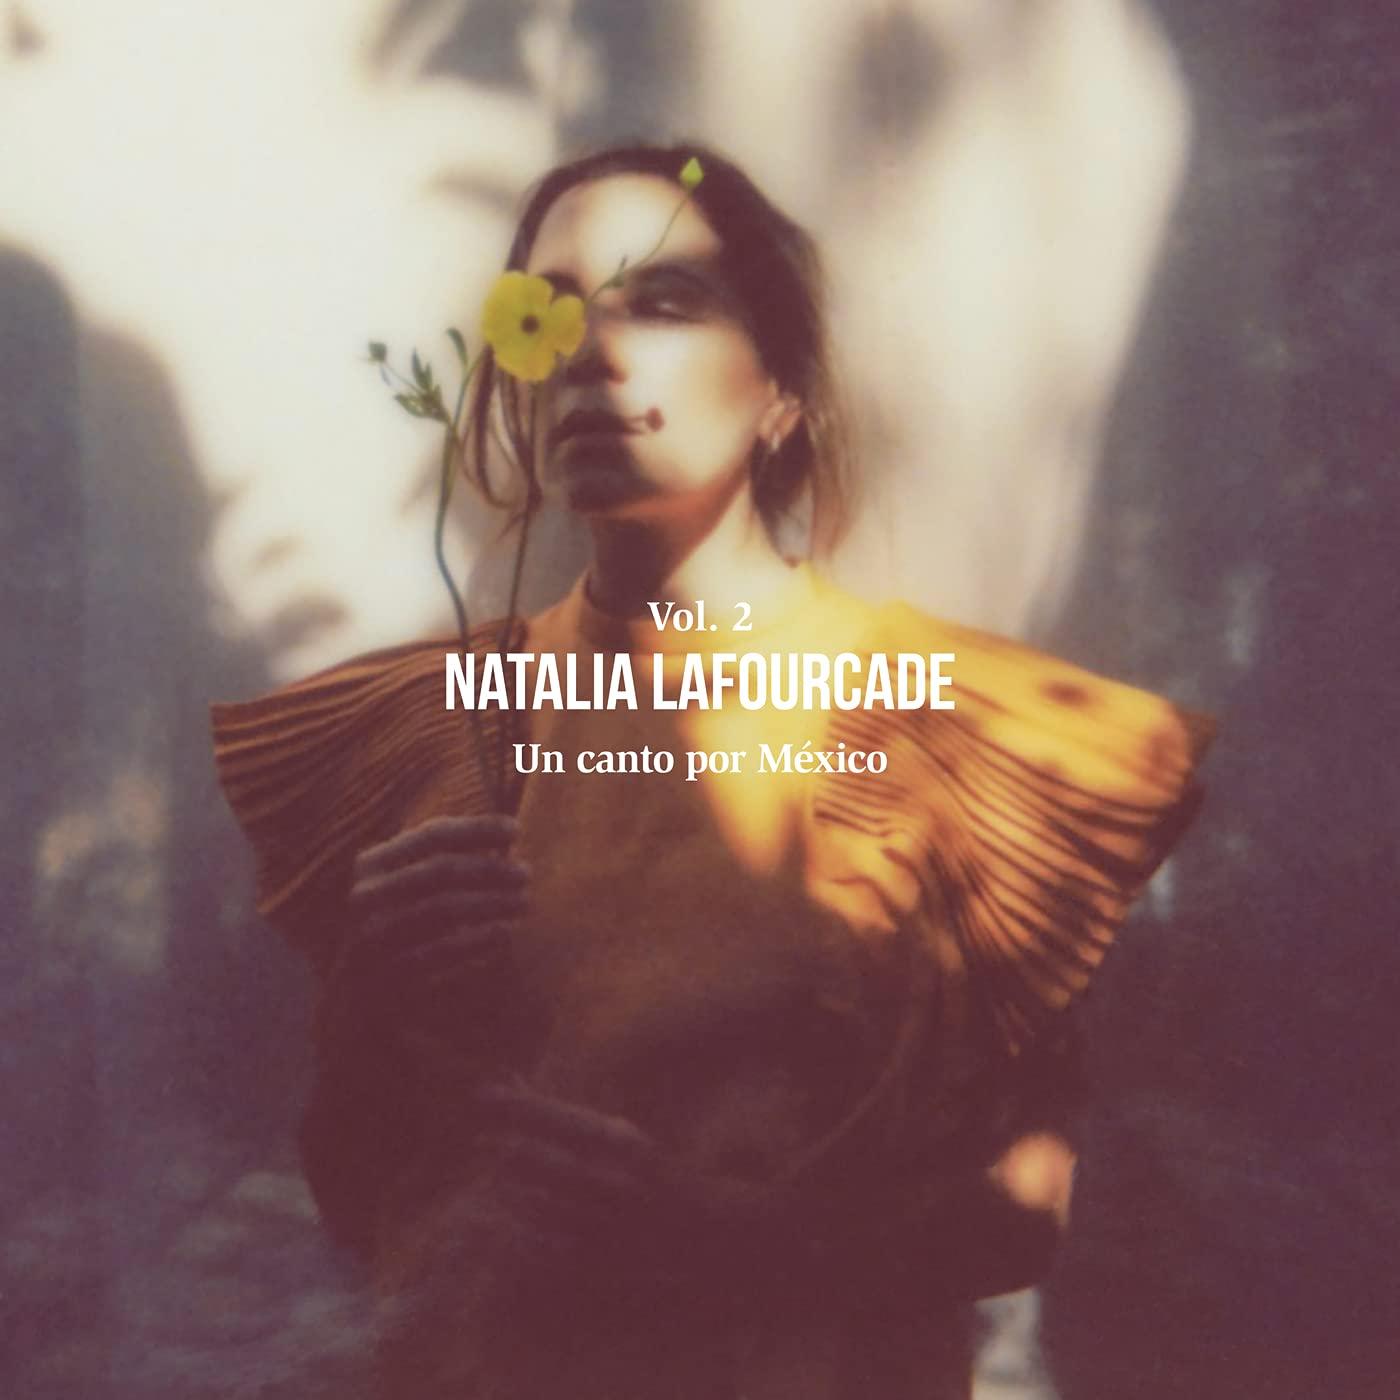 Natalia Lafourcade Y Jorge Drexler - Un Canto Por México Vol. 2 (2021) [FLAC] Download